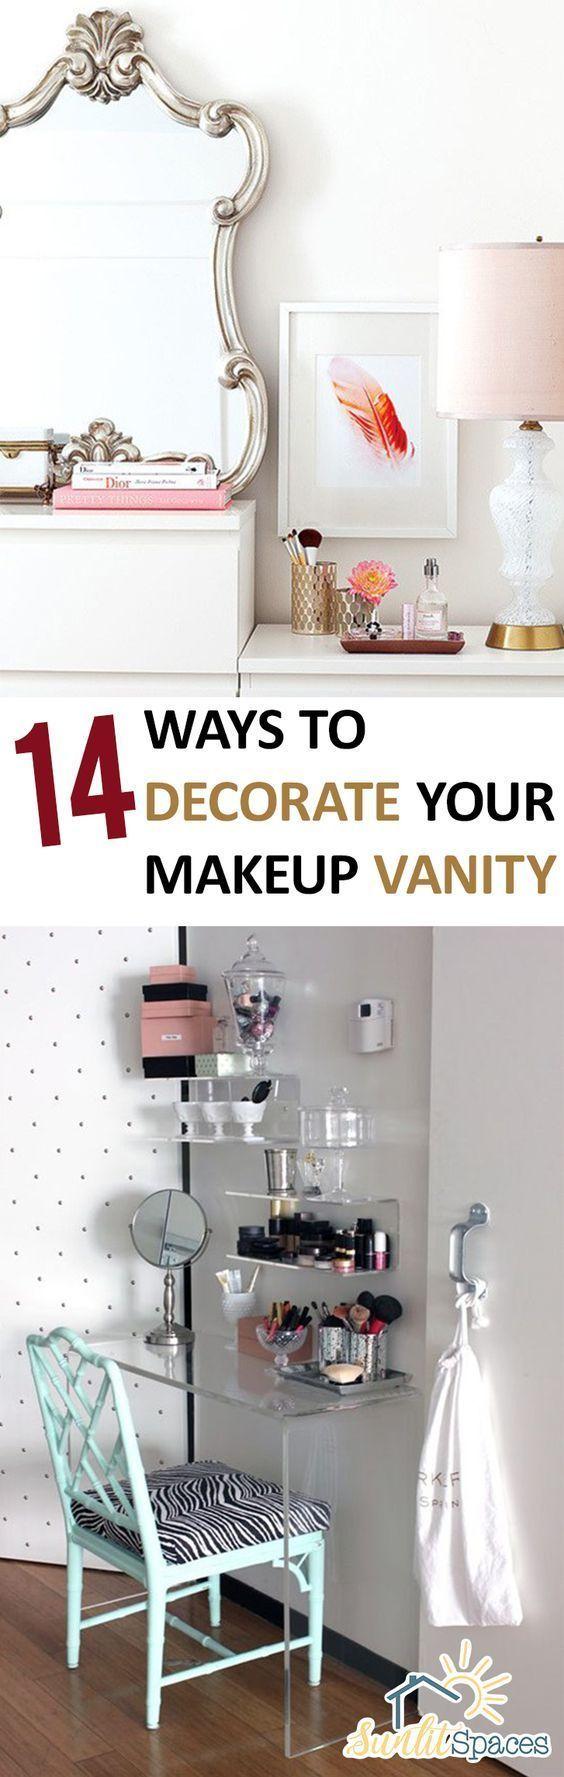 Makeup Vanity How to Decorate Your Makeup Vanity Home Decor Ideas DIY Makeup Vanity Makeup Vanity Ideas Makeup Tips and Tricks Decorating Bathroom Decor Popular Pin #makeupideas